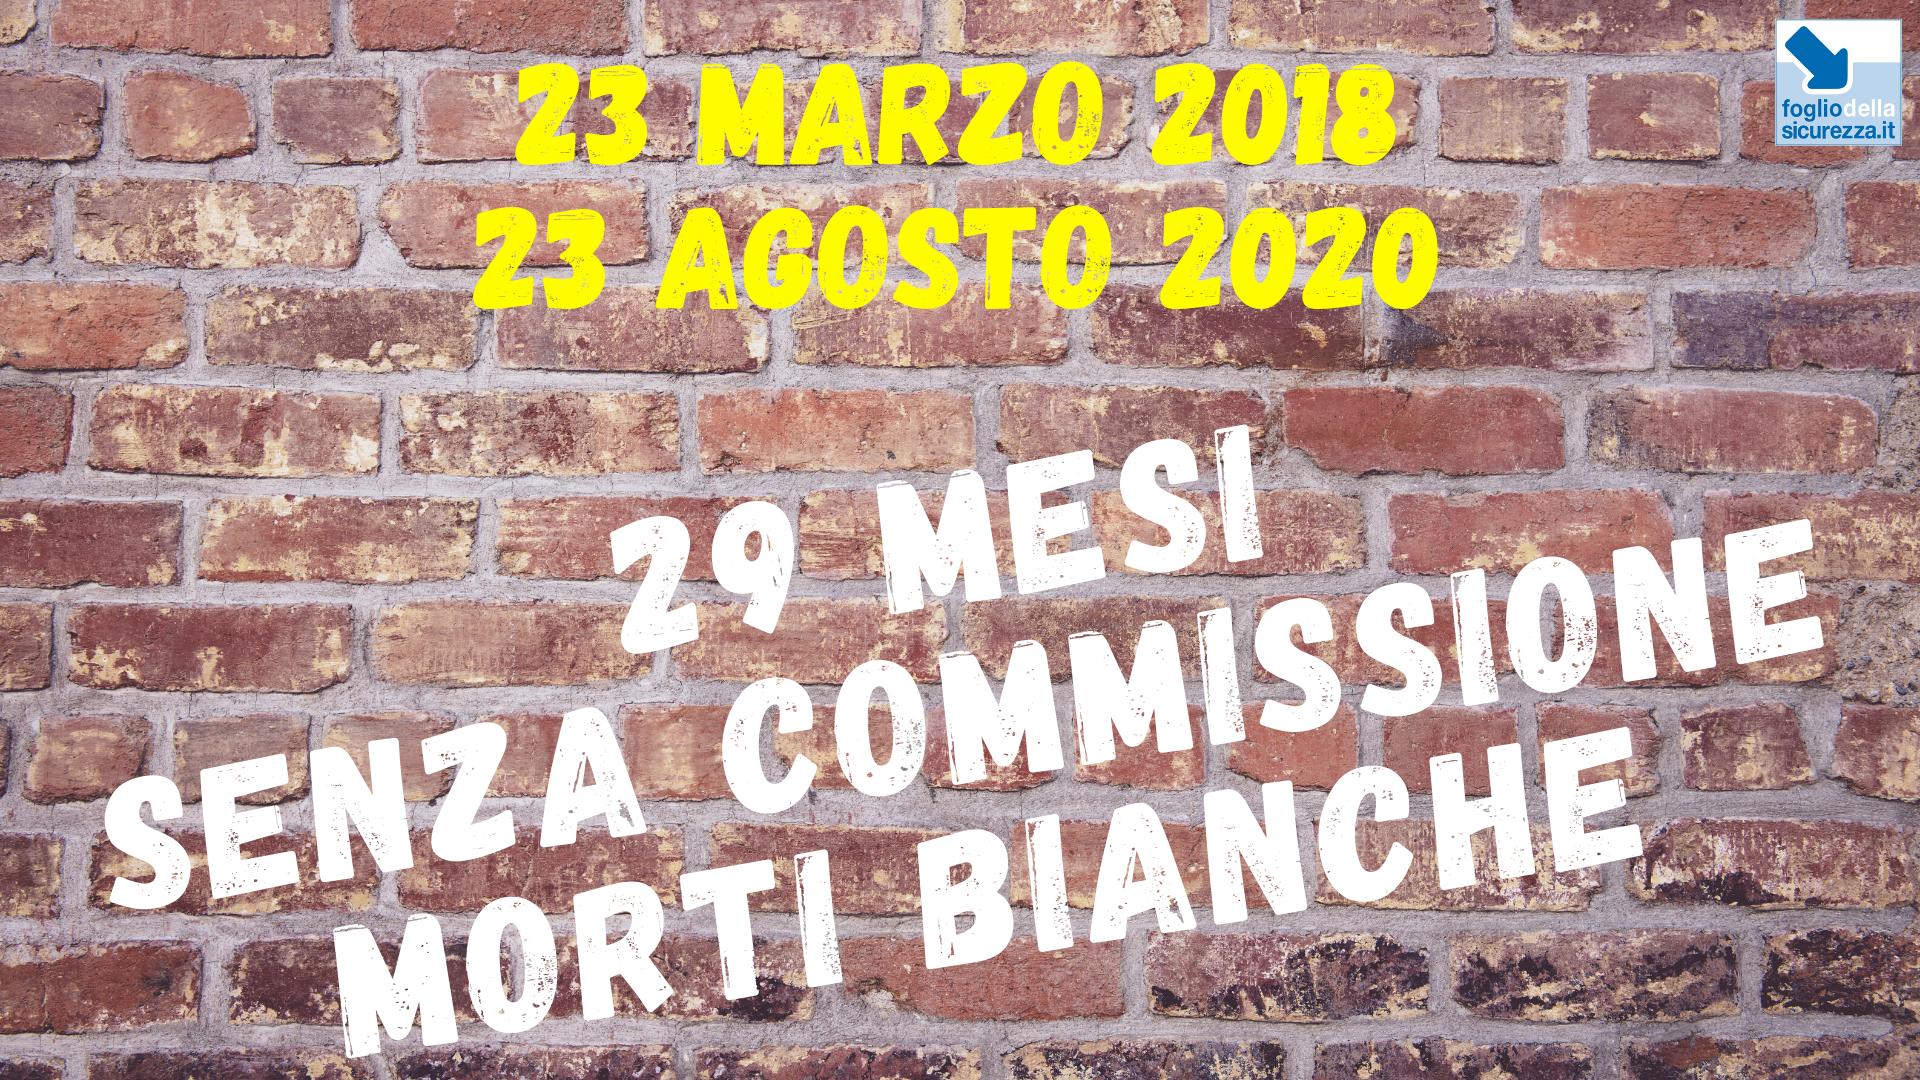 Commissione morti bianche 20200823